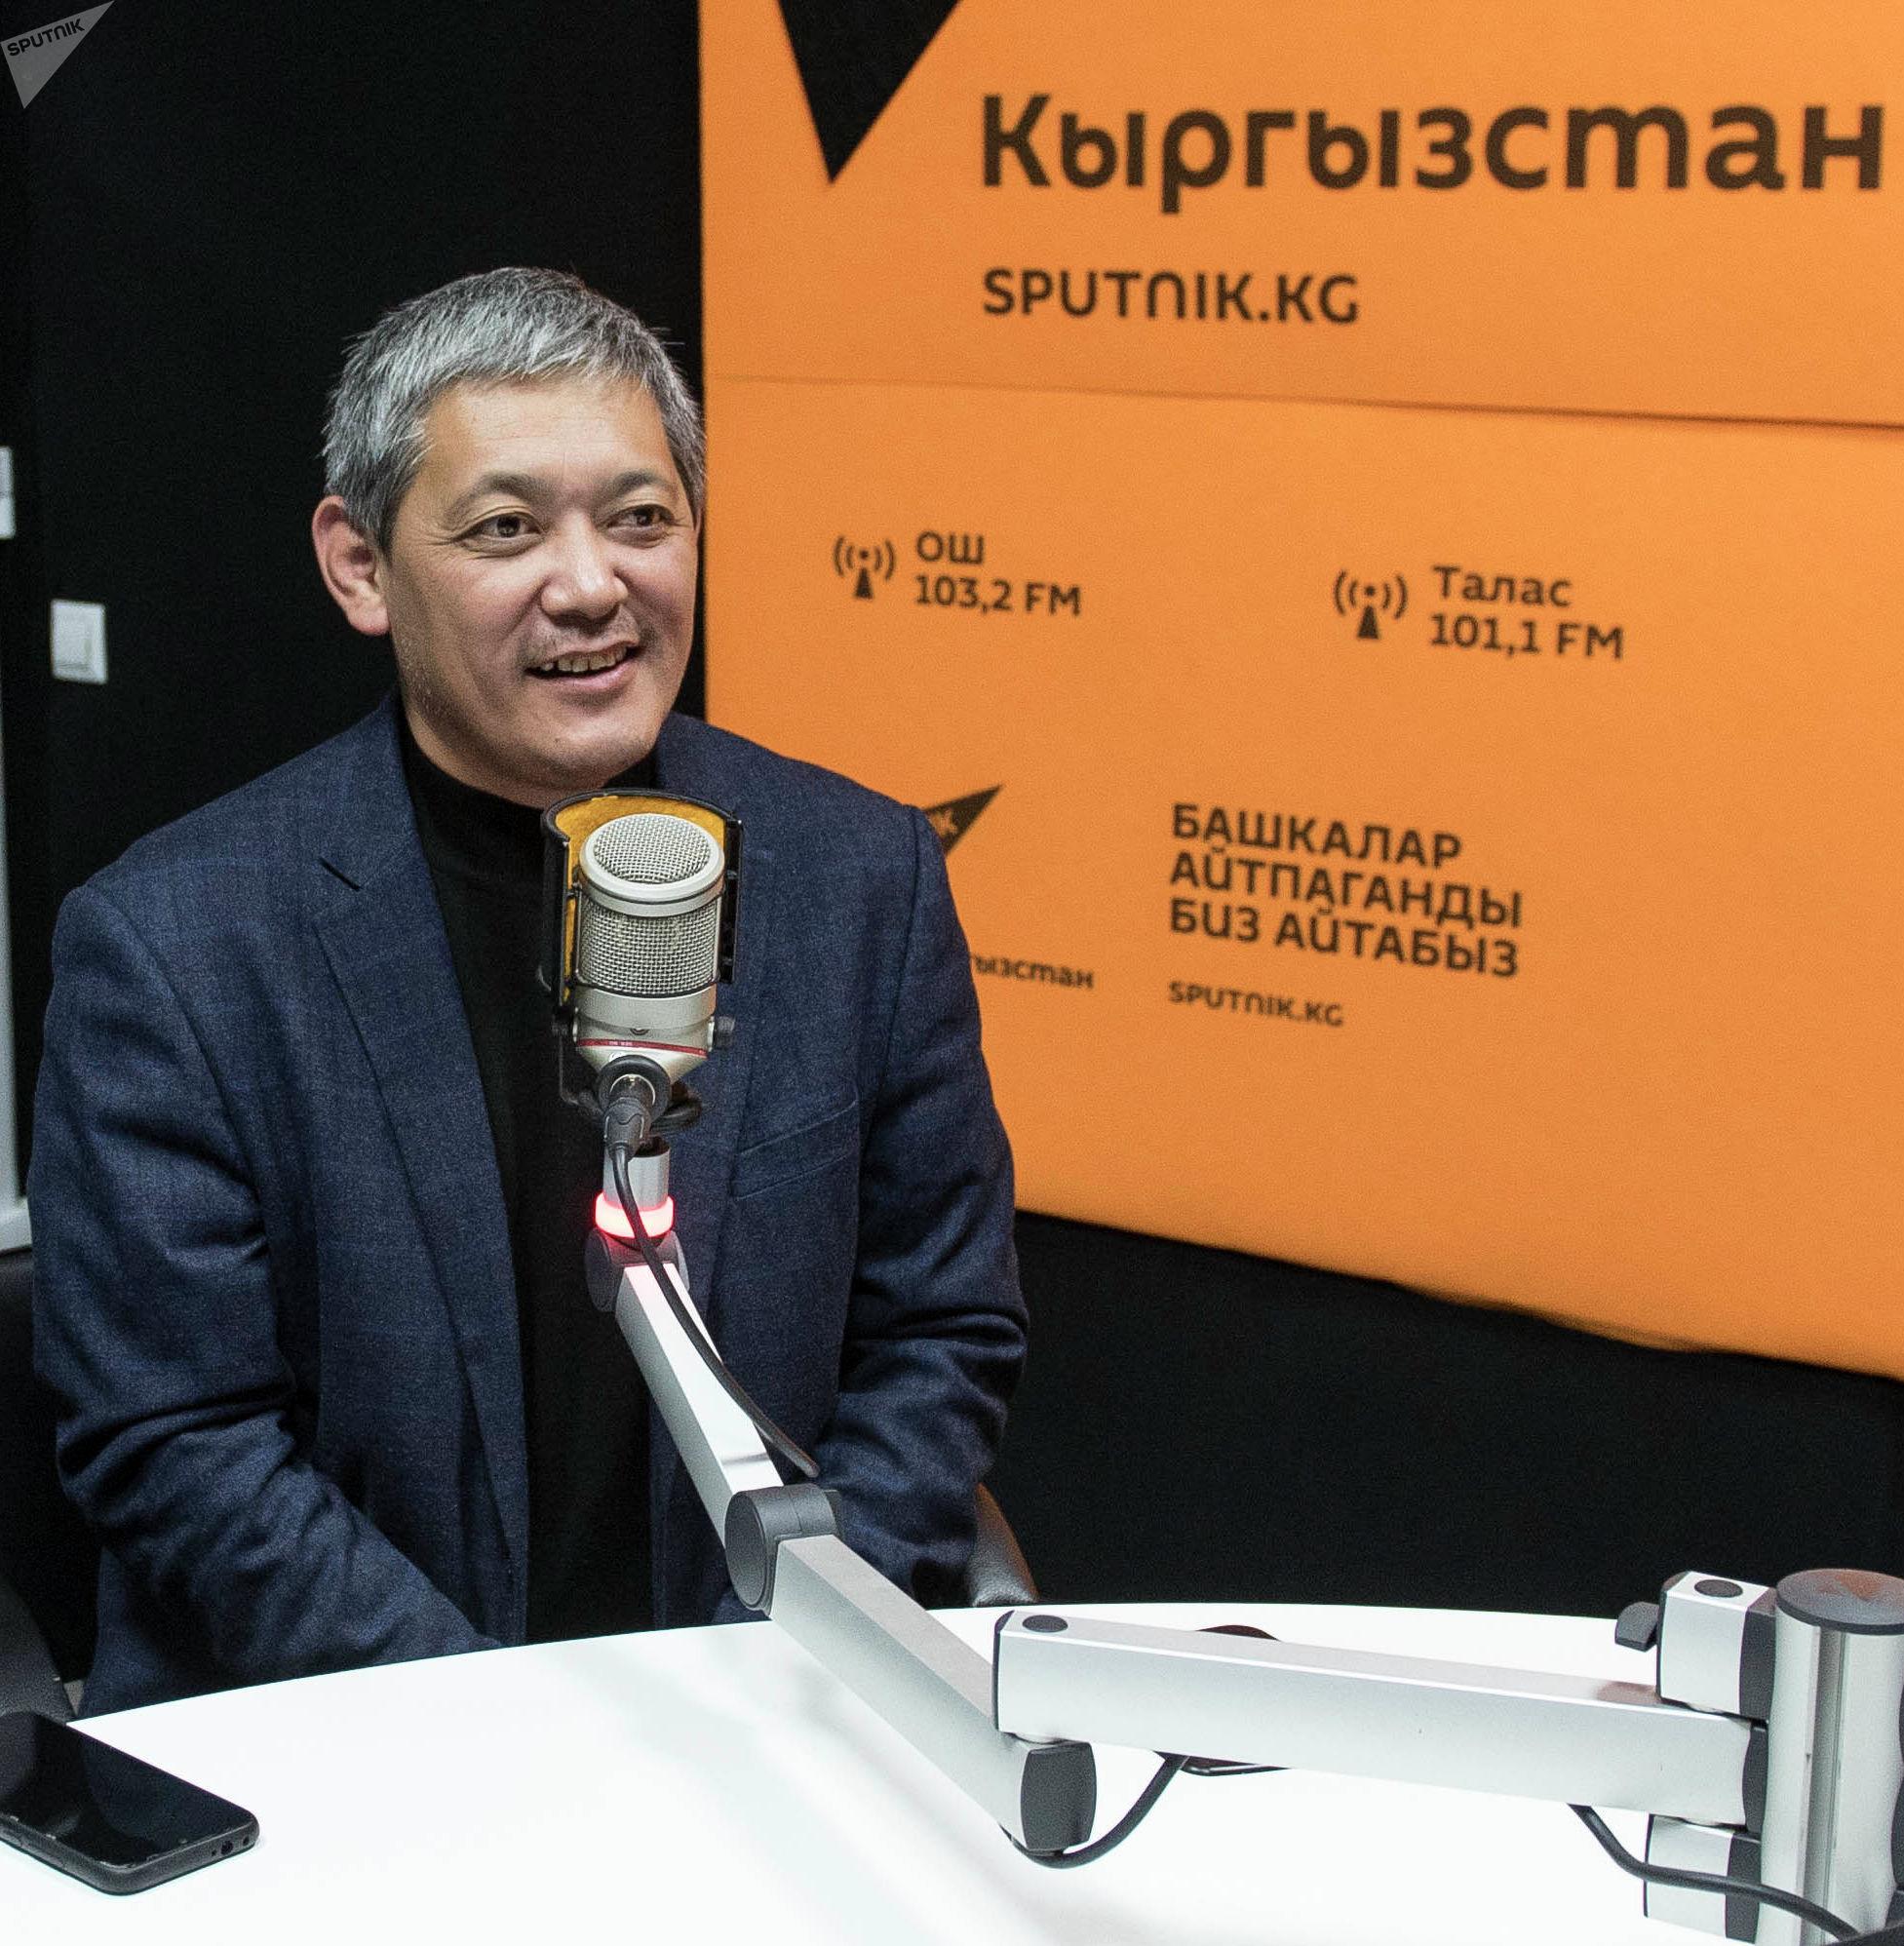 Член первичной организации Кыргызского общества слепых и глухих Бахтияр Мамбетказиев